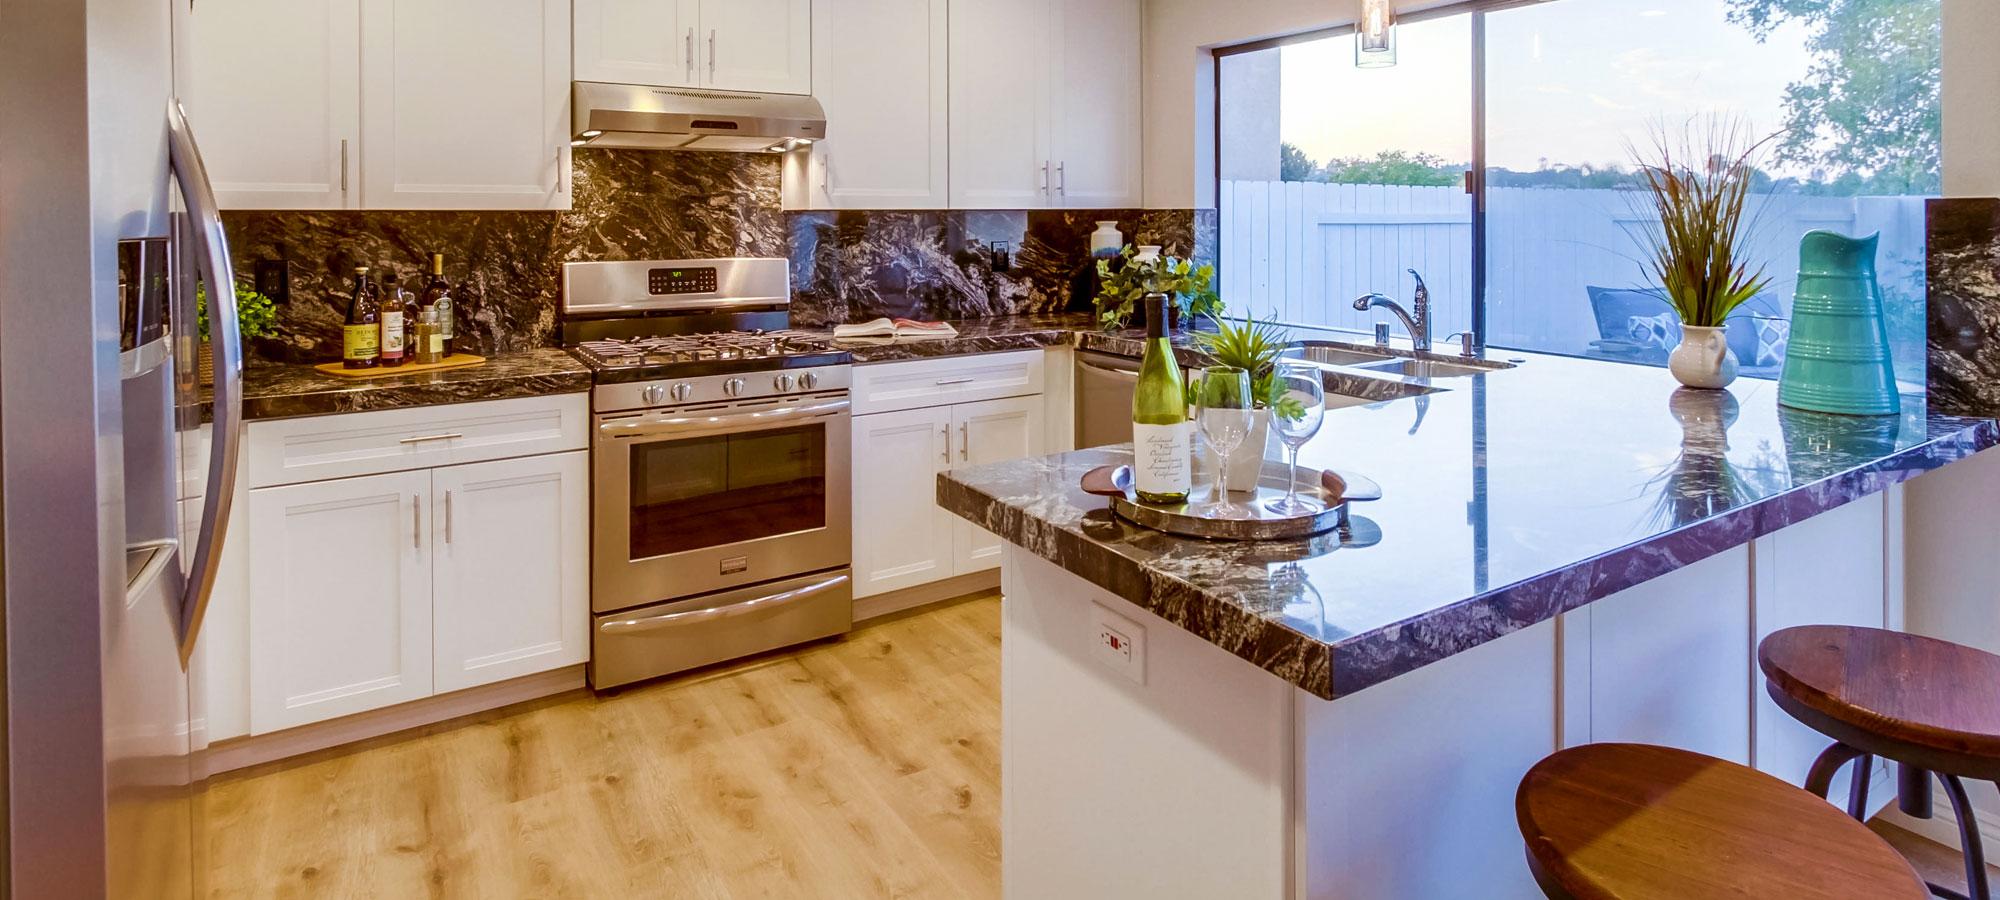 12750 Casa Avenida Poway, CA 92064